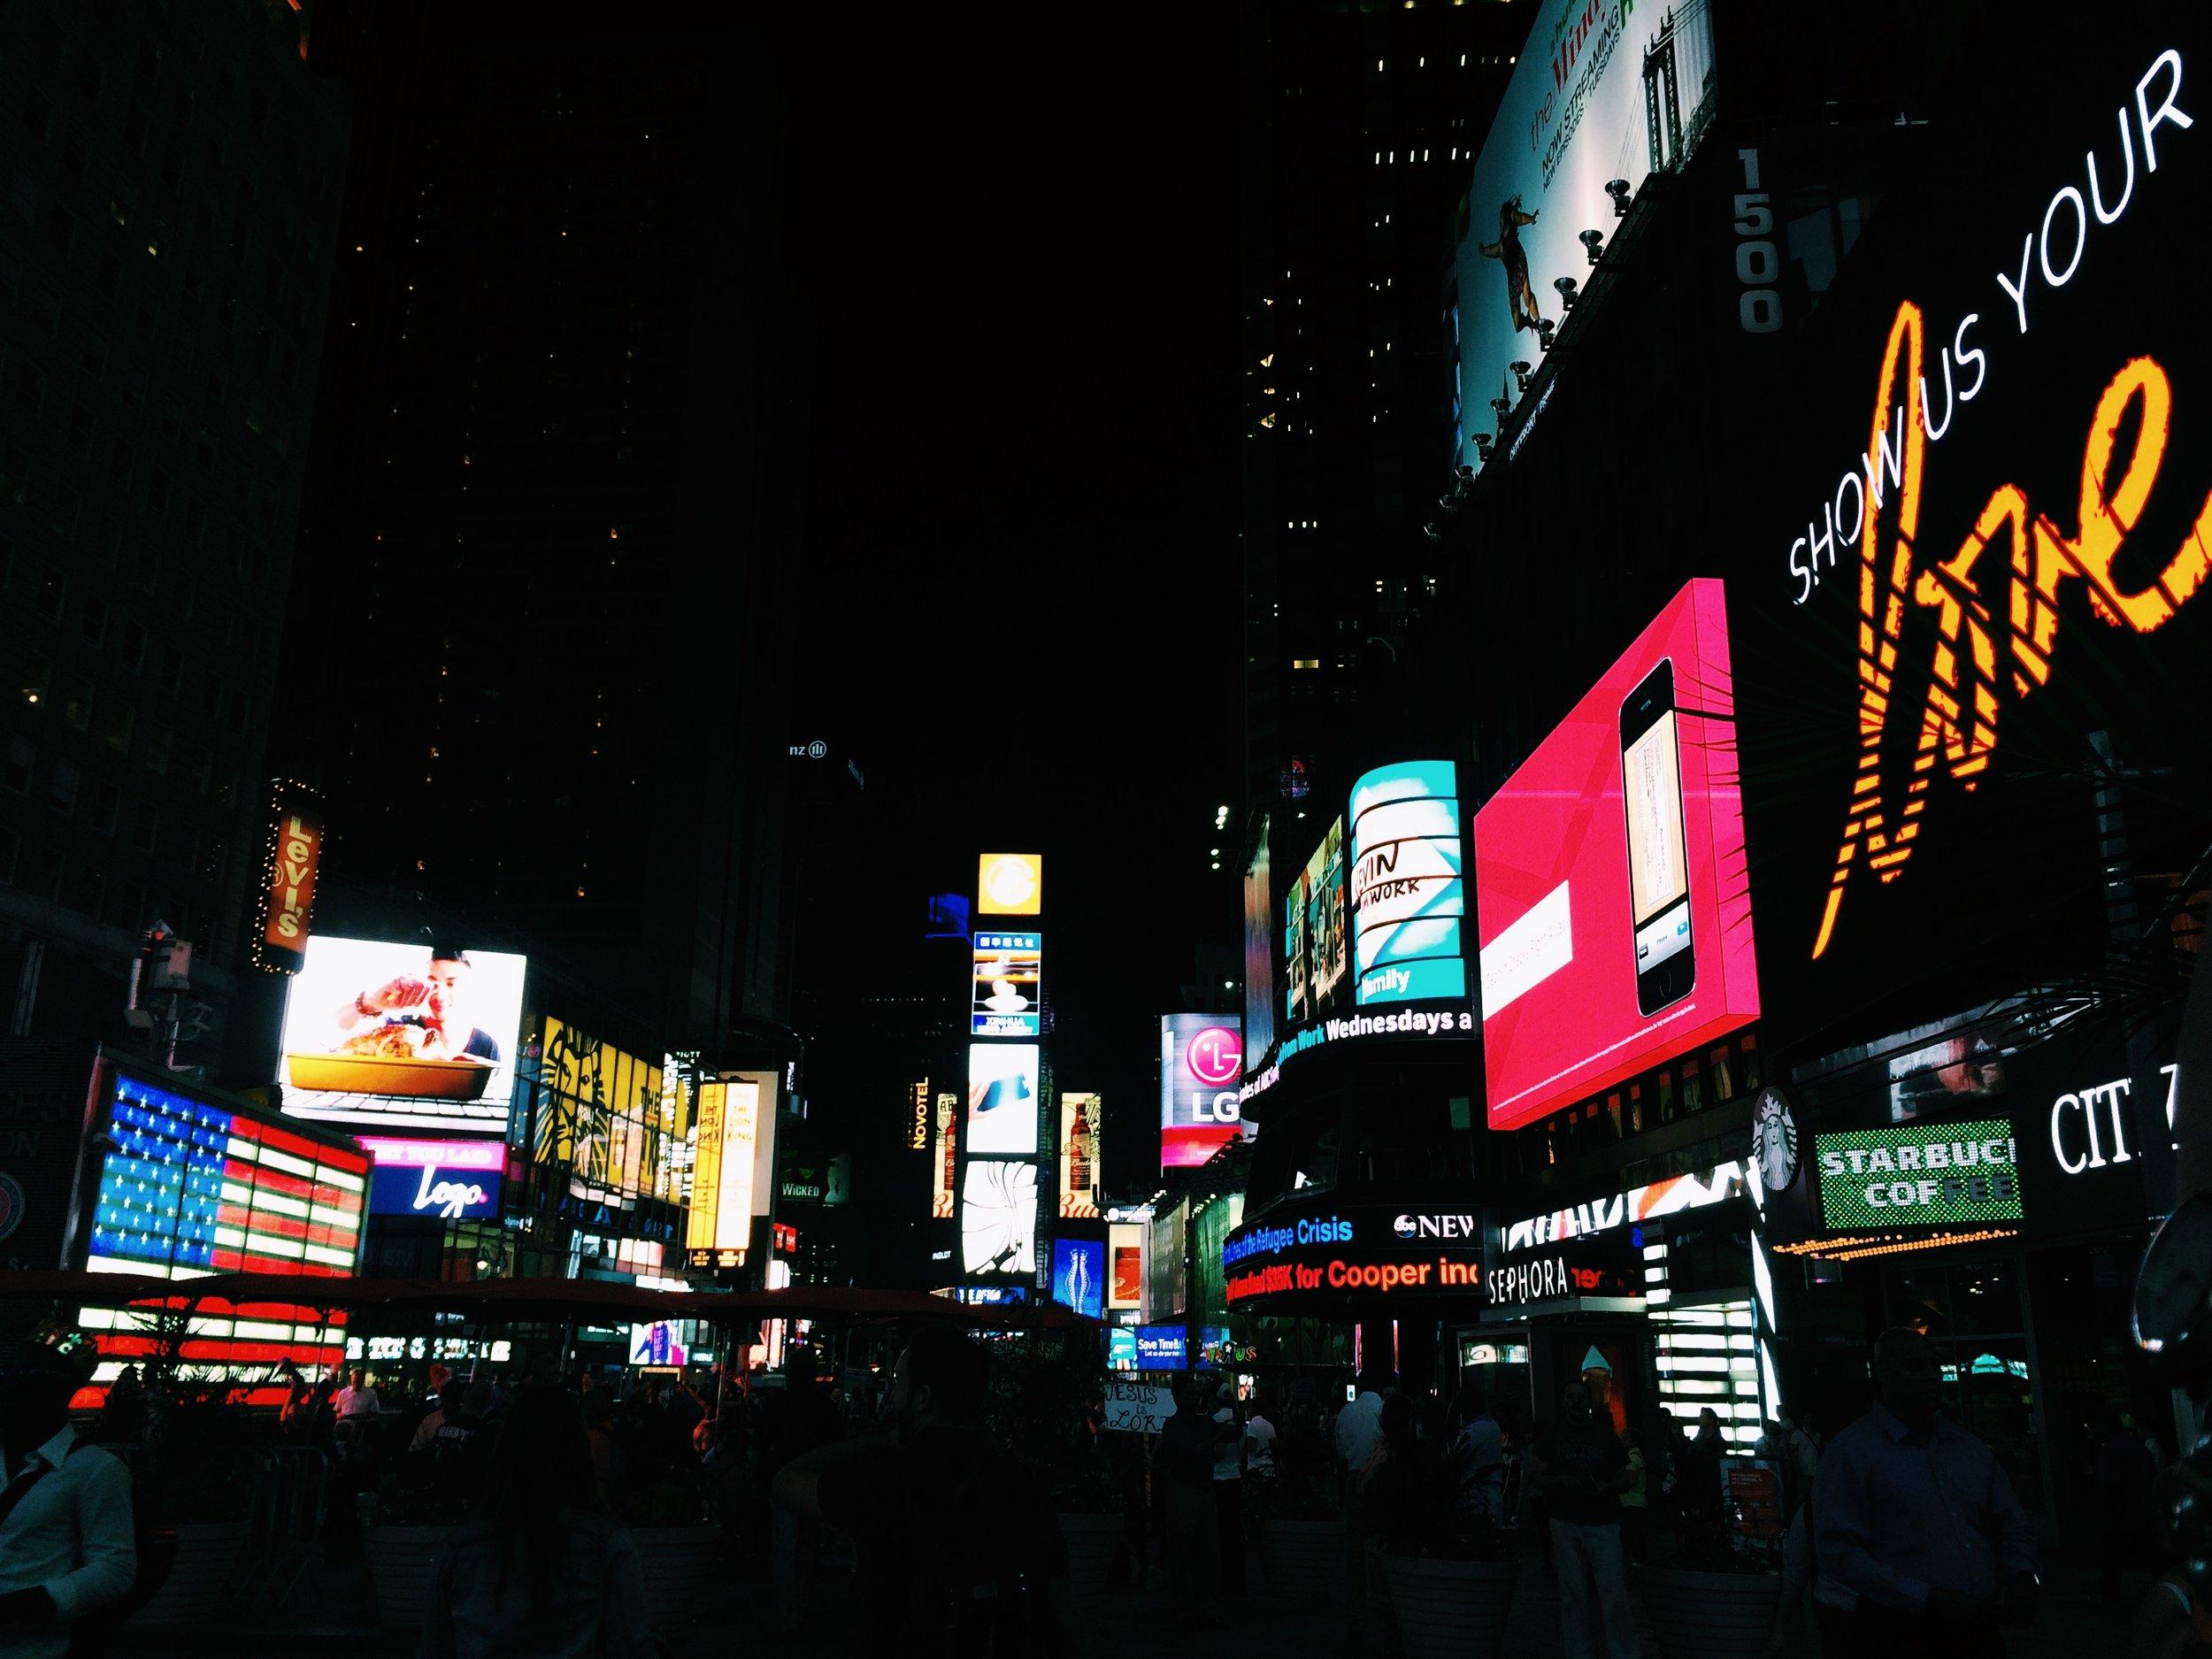 10 cosas para hacer en new york 1059.JPG